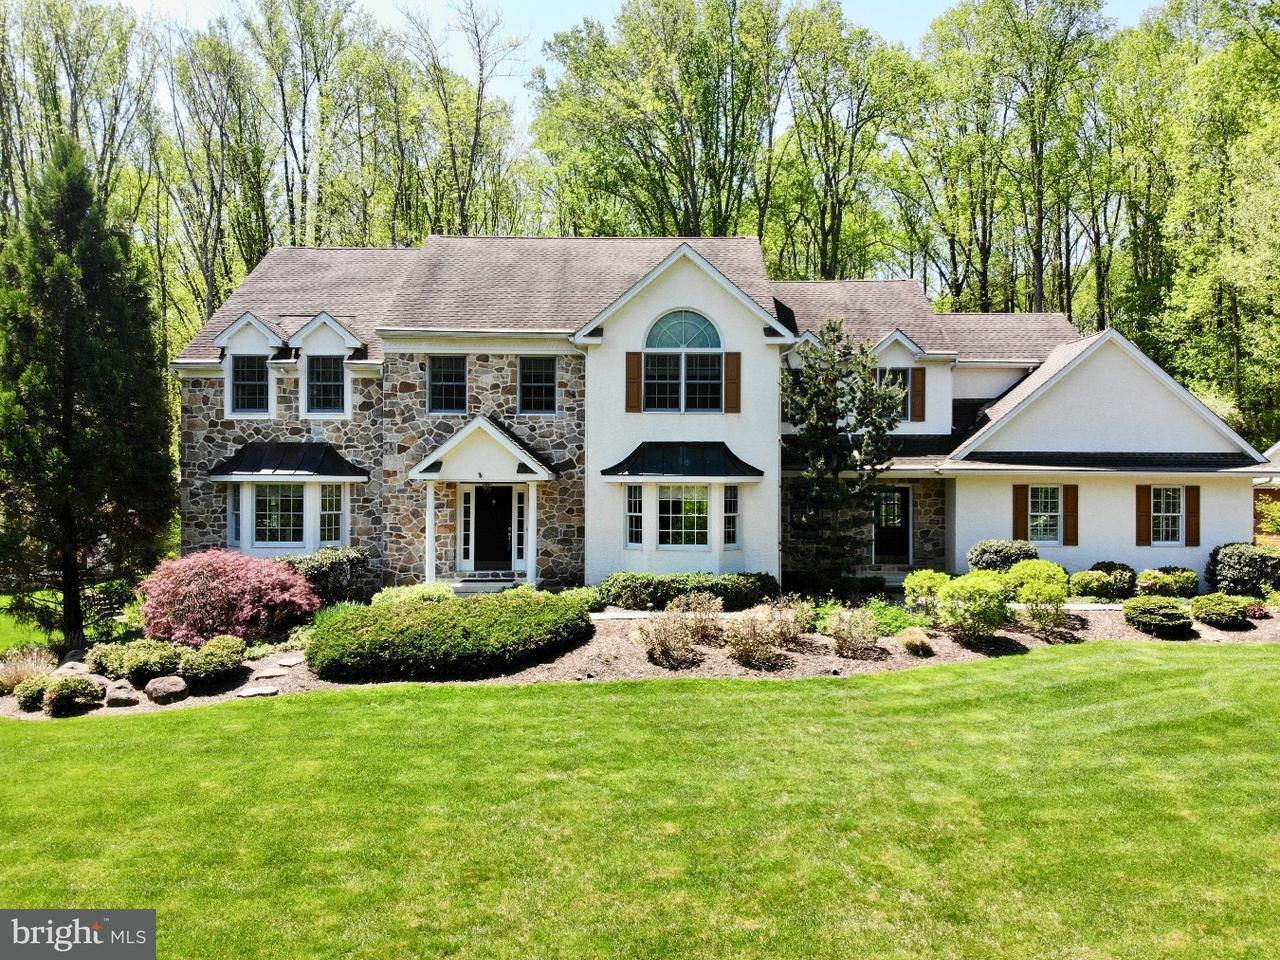 Частный односемейный дом для того Продажа на 44 DELANEY Drive Downingtown, Пенсильвания 19335 Соединенные Штаты